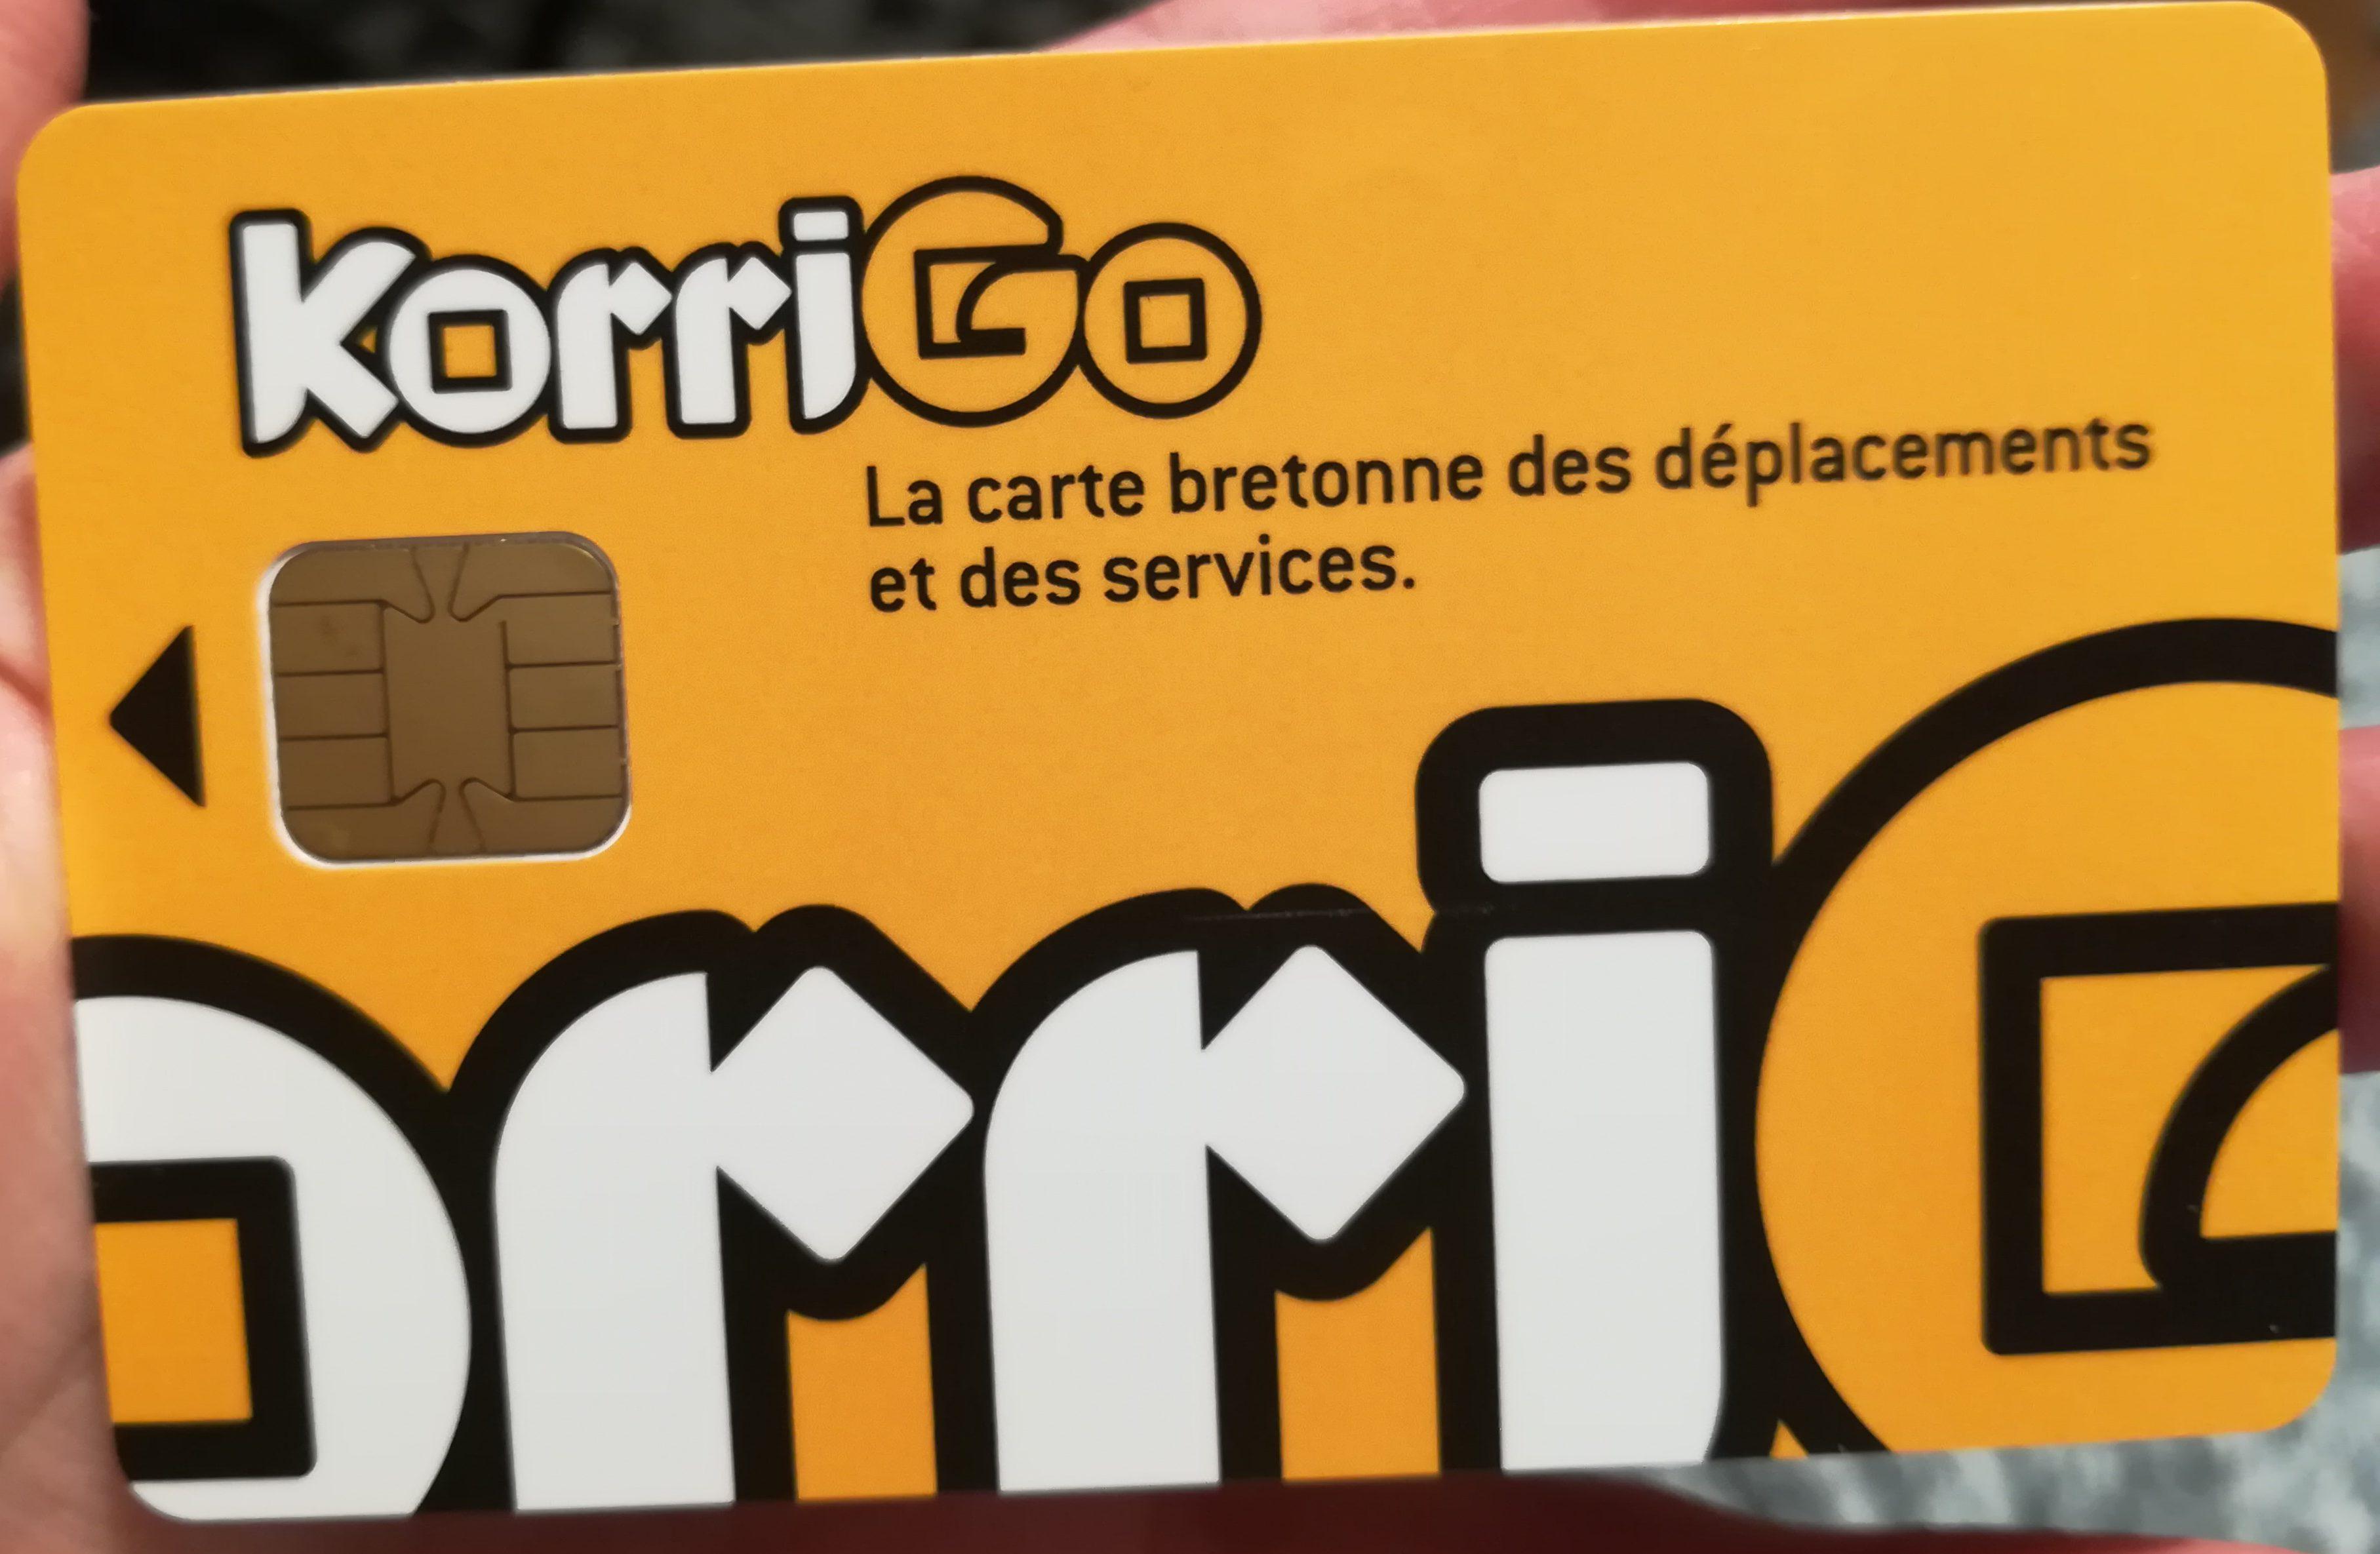 ブルターニュ地方でのメトロ・バス定期券の買い方と料金一覧